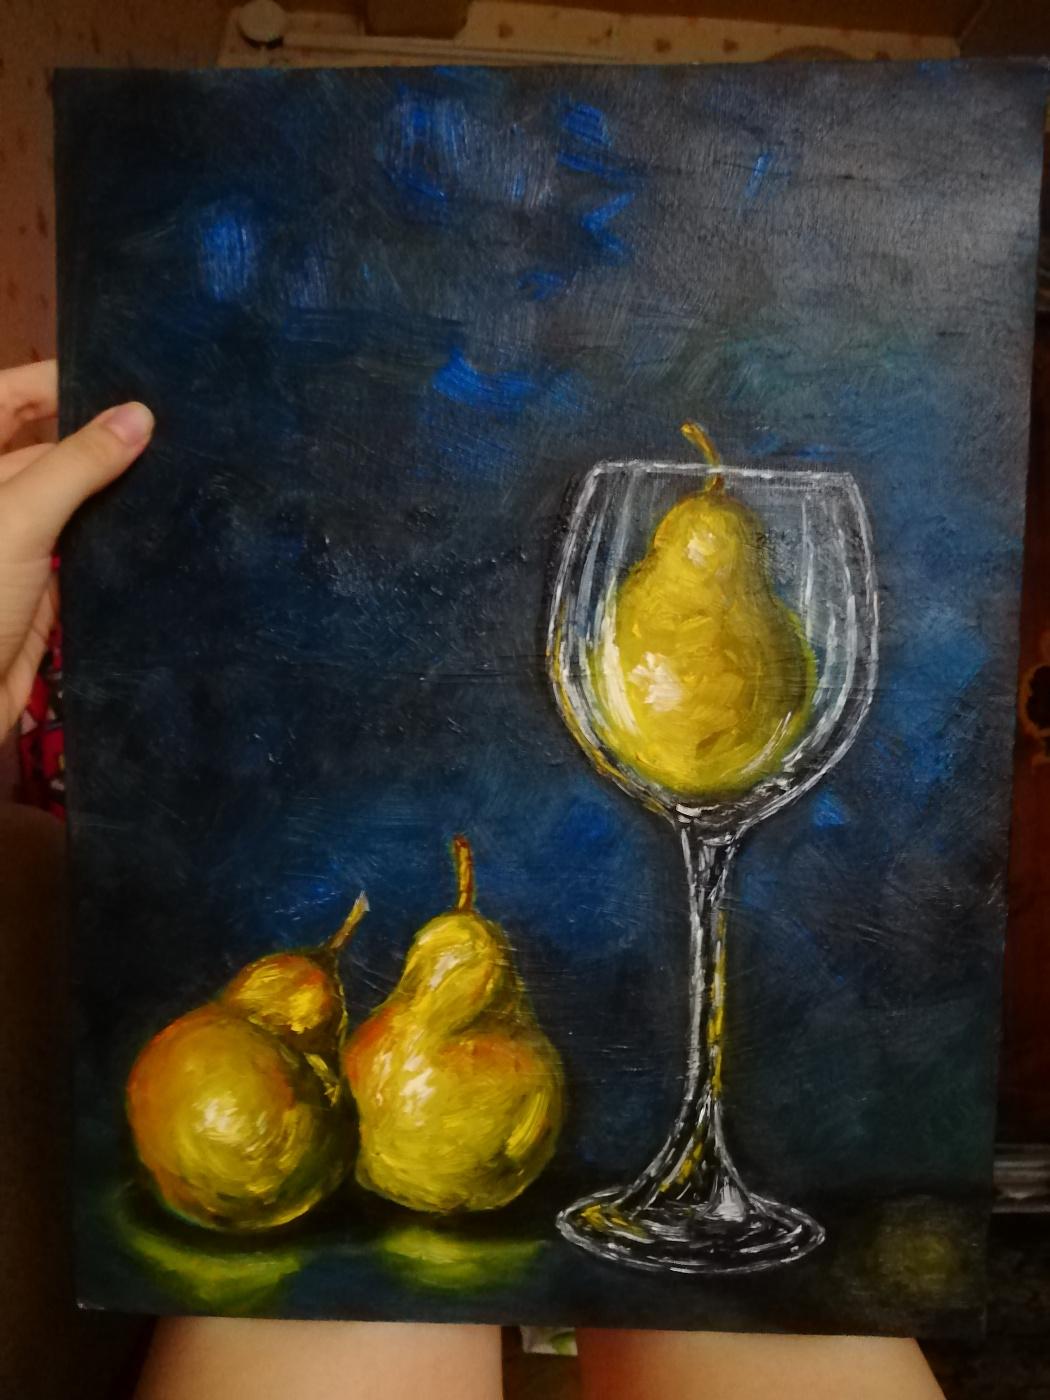 Nadezhda Alexandrovna Khozina. Love for glasses ... and pears